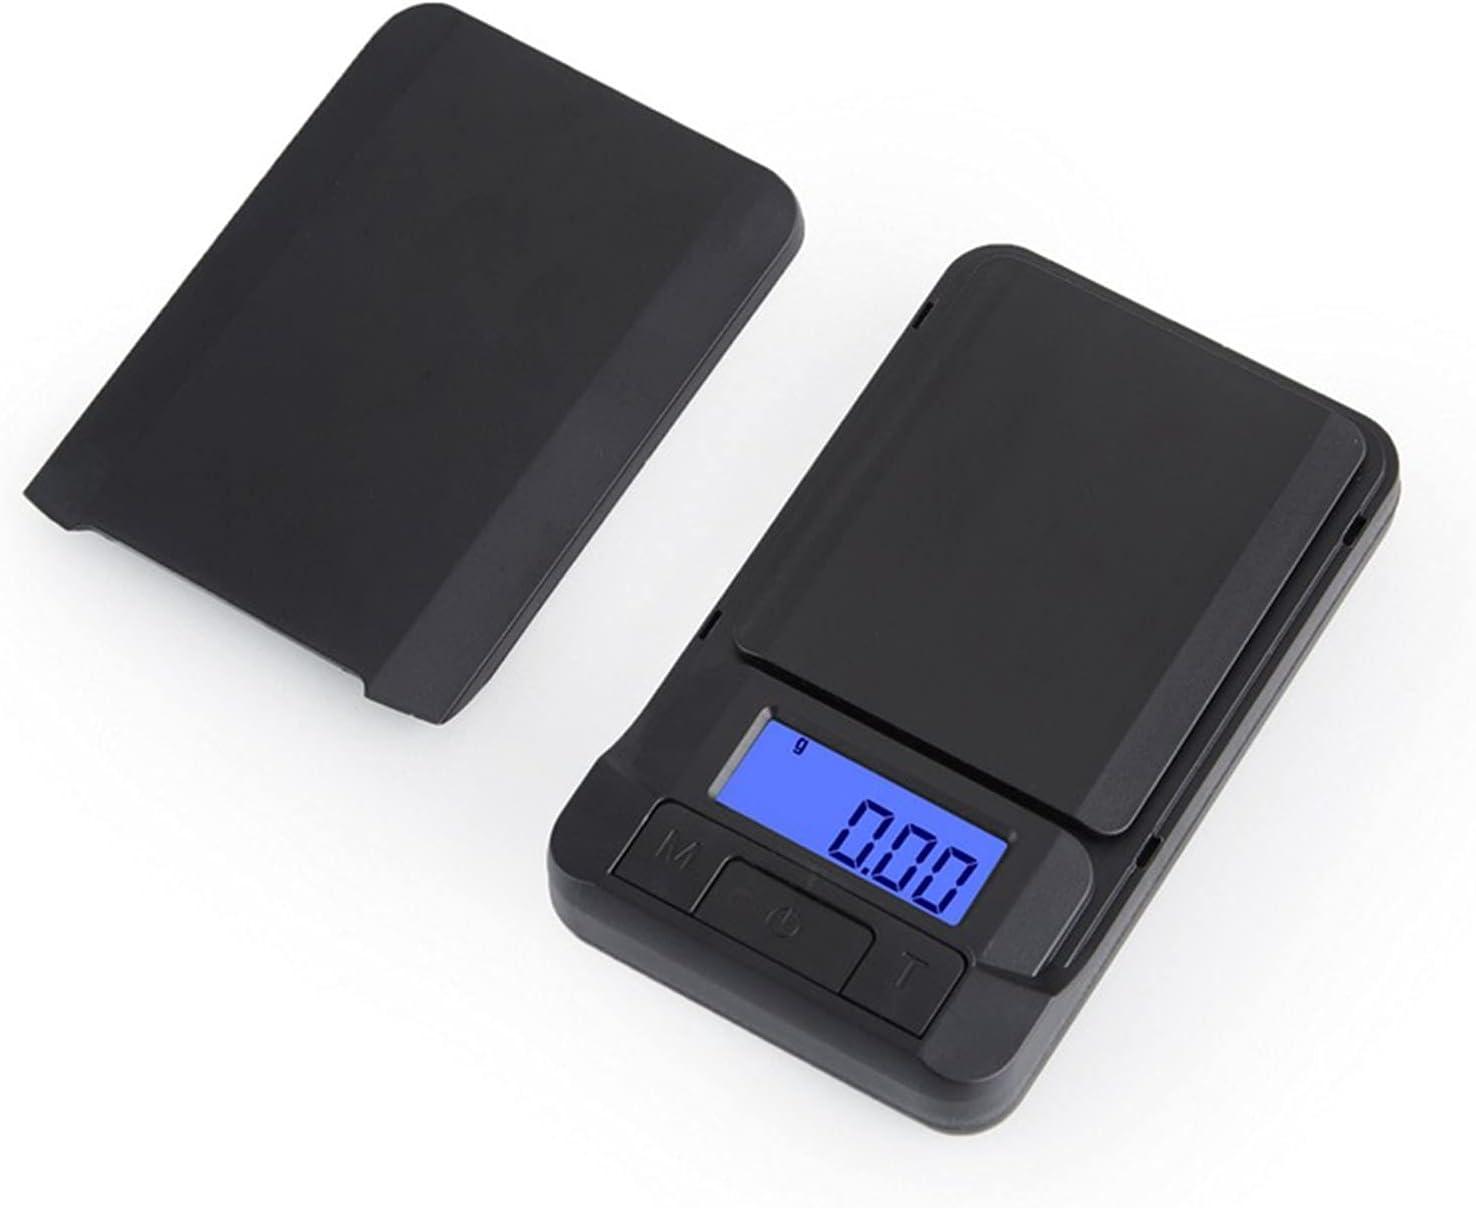 Escala de Bolsillo de miligram Digital de 0.01 g x 500g, báscula de pesaje electrónico para joyería de Carga de Monedas y Cocina, Mini gramo Escala con Peso calibrado